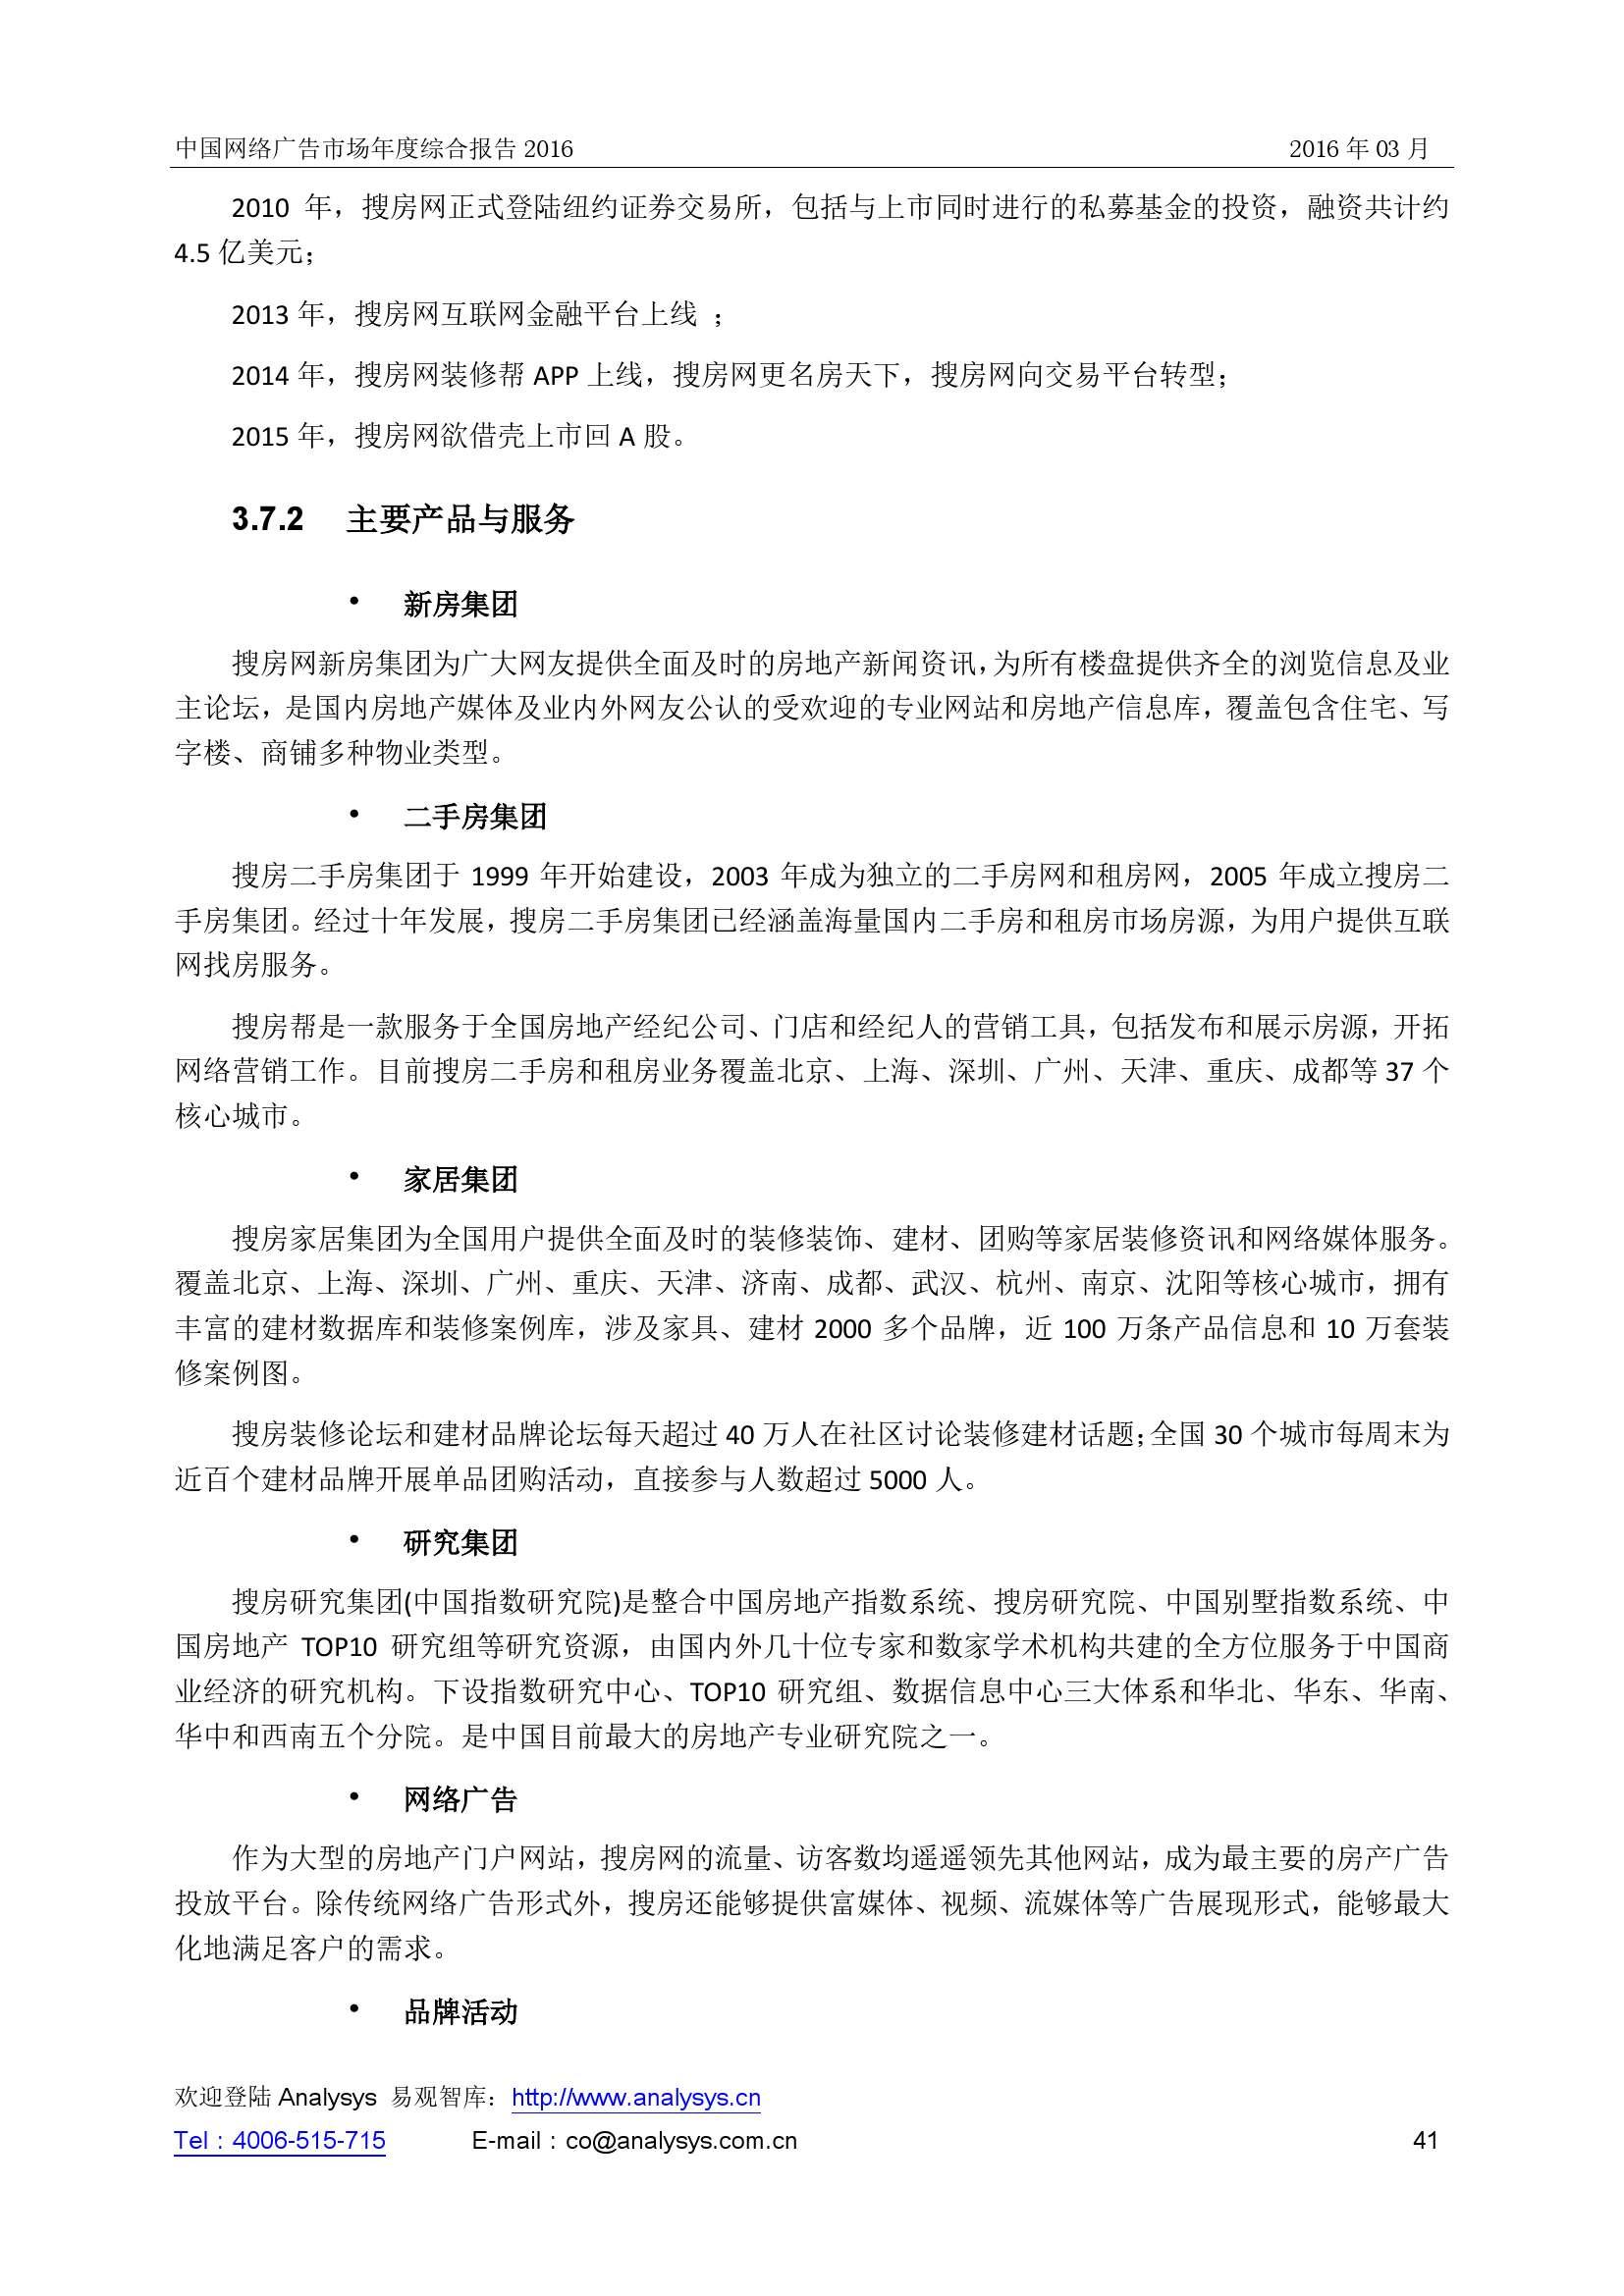 中国网络广告市场年度综合报告2016_000041